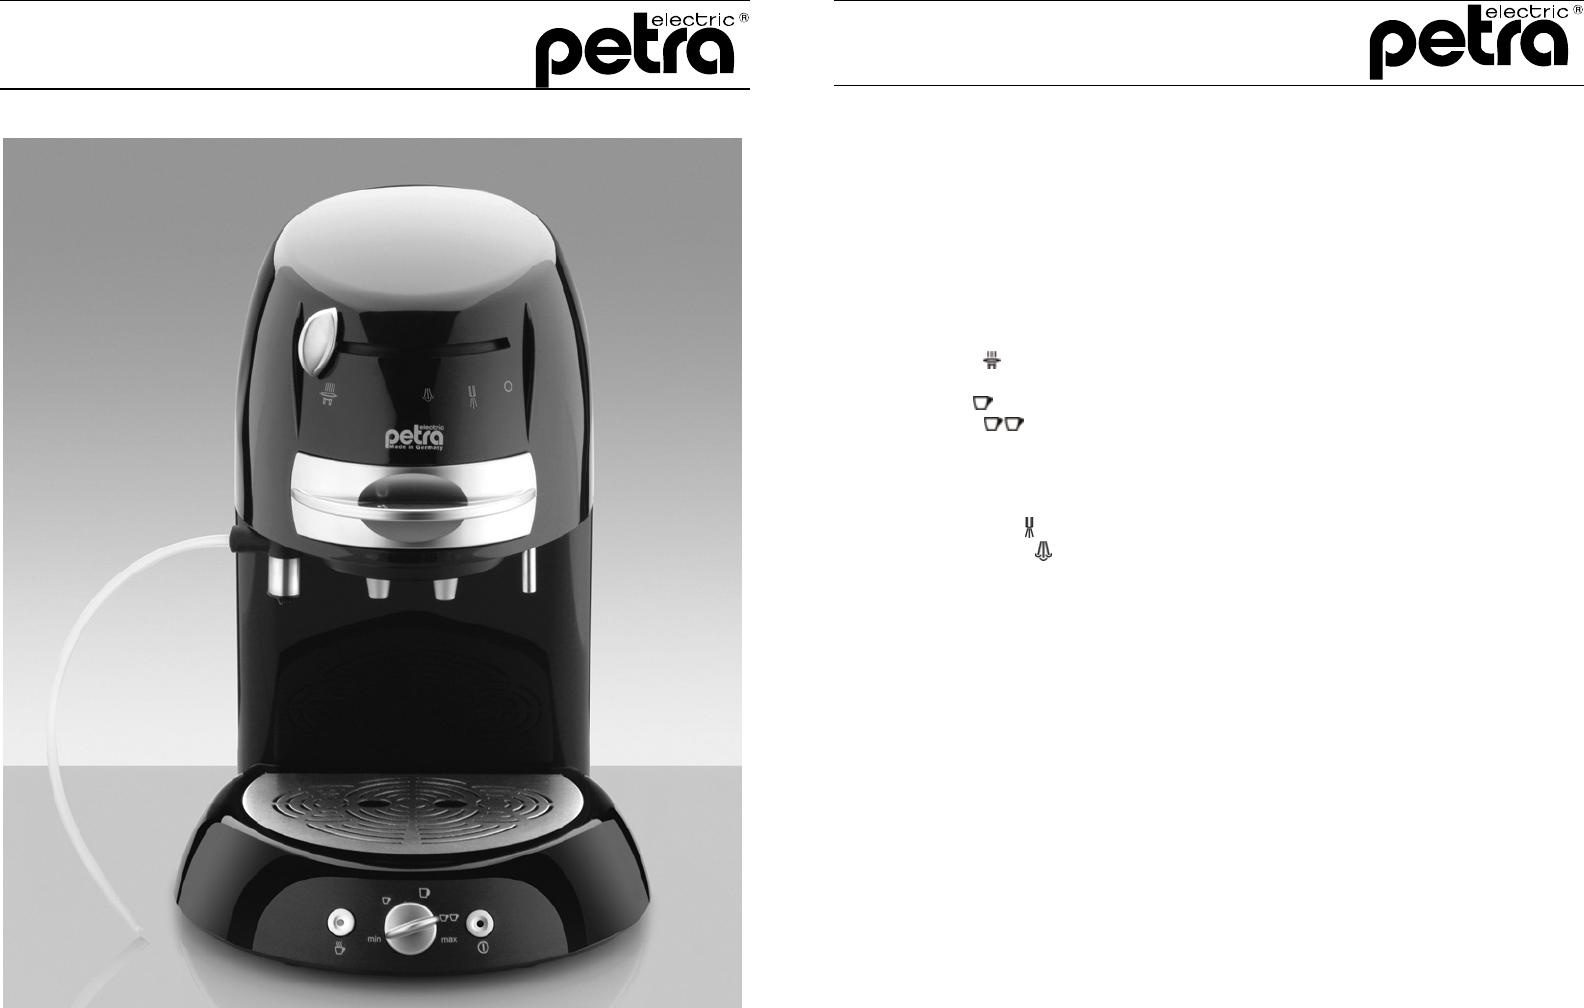 bedienungsanleitung petra km seite 1 von 8 deutsch. Black Bedroom Furniture Sets. Home Design Ideas